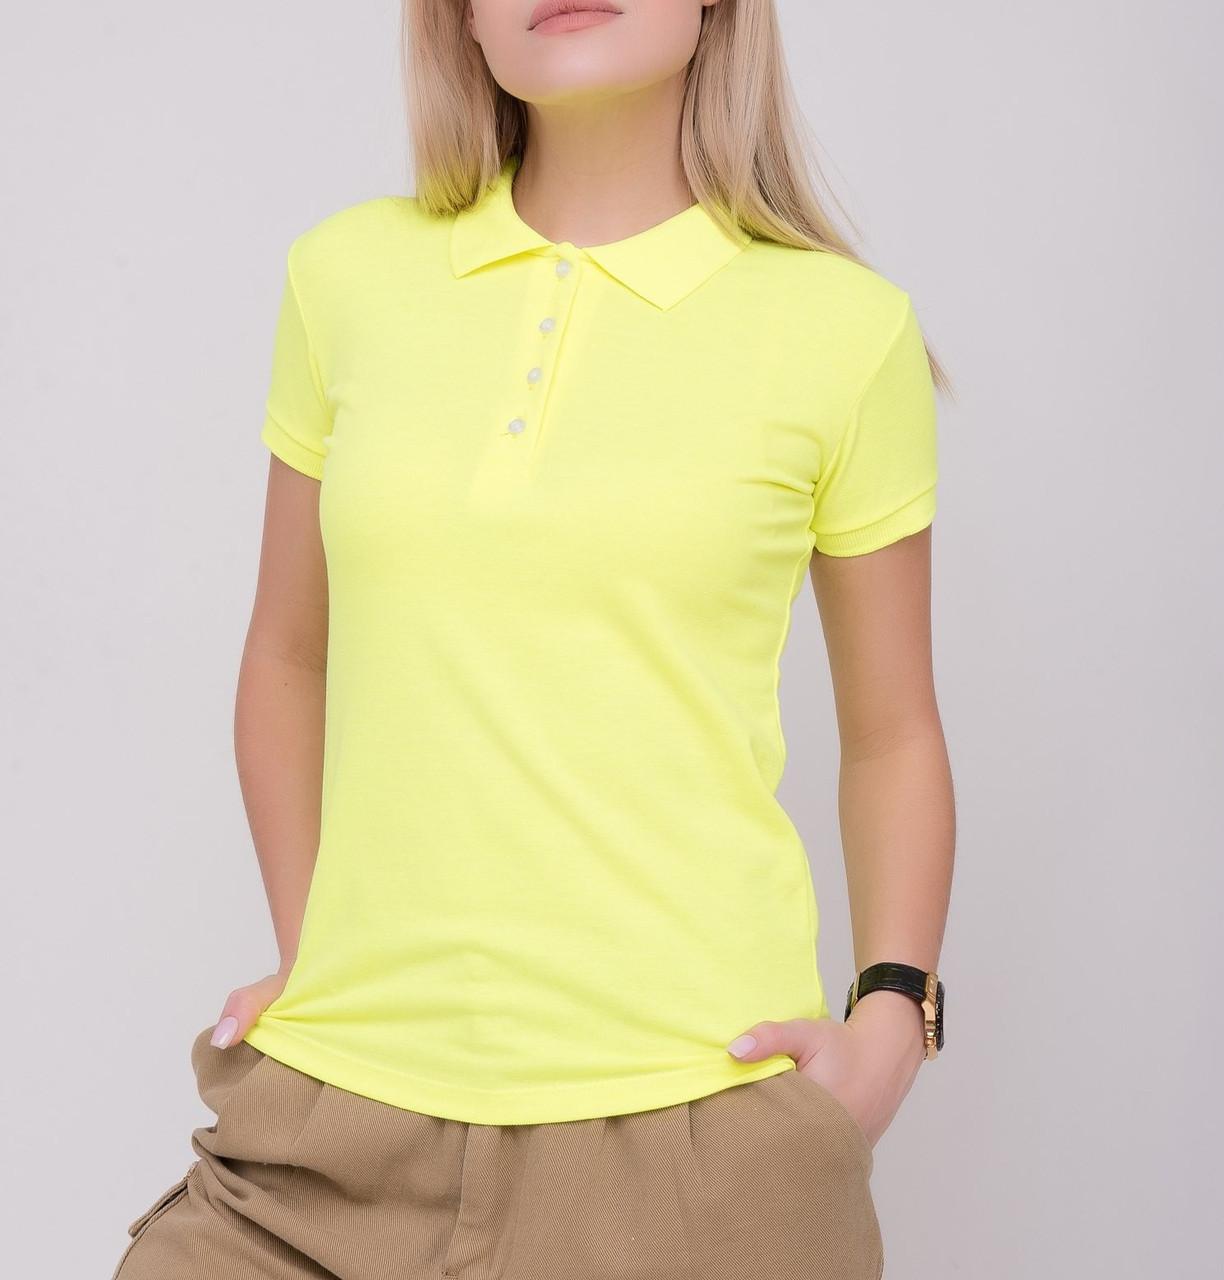 Женская футболка Поло 42-48 размера